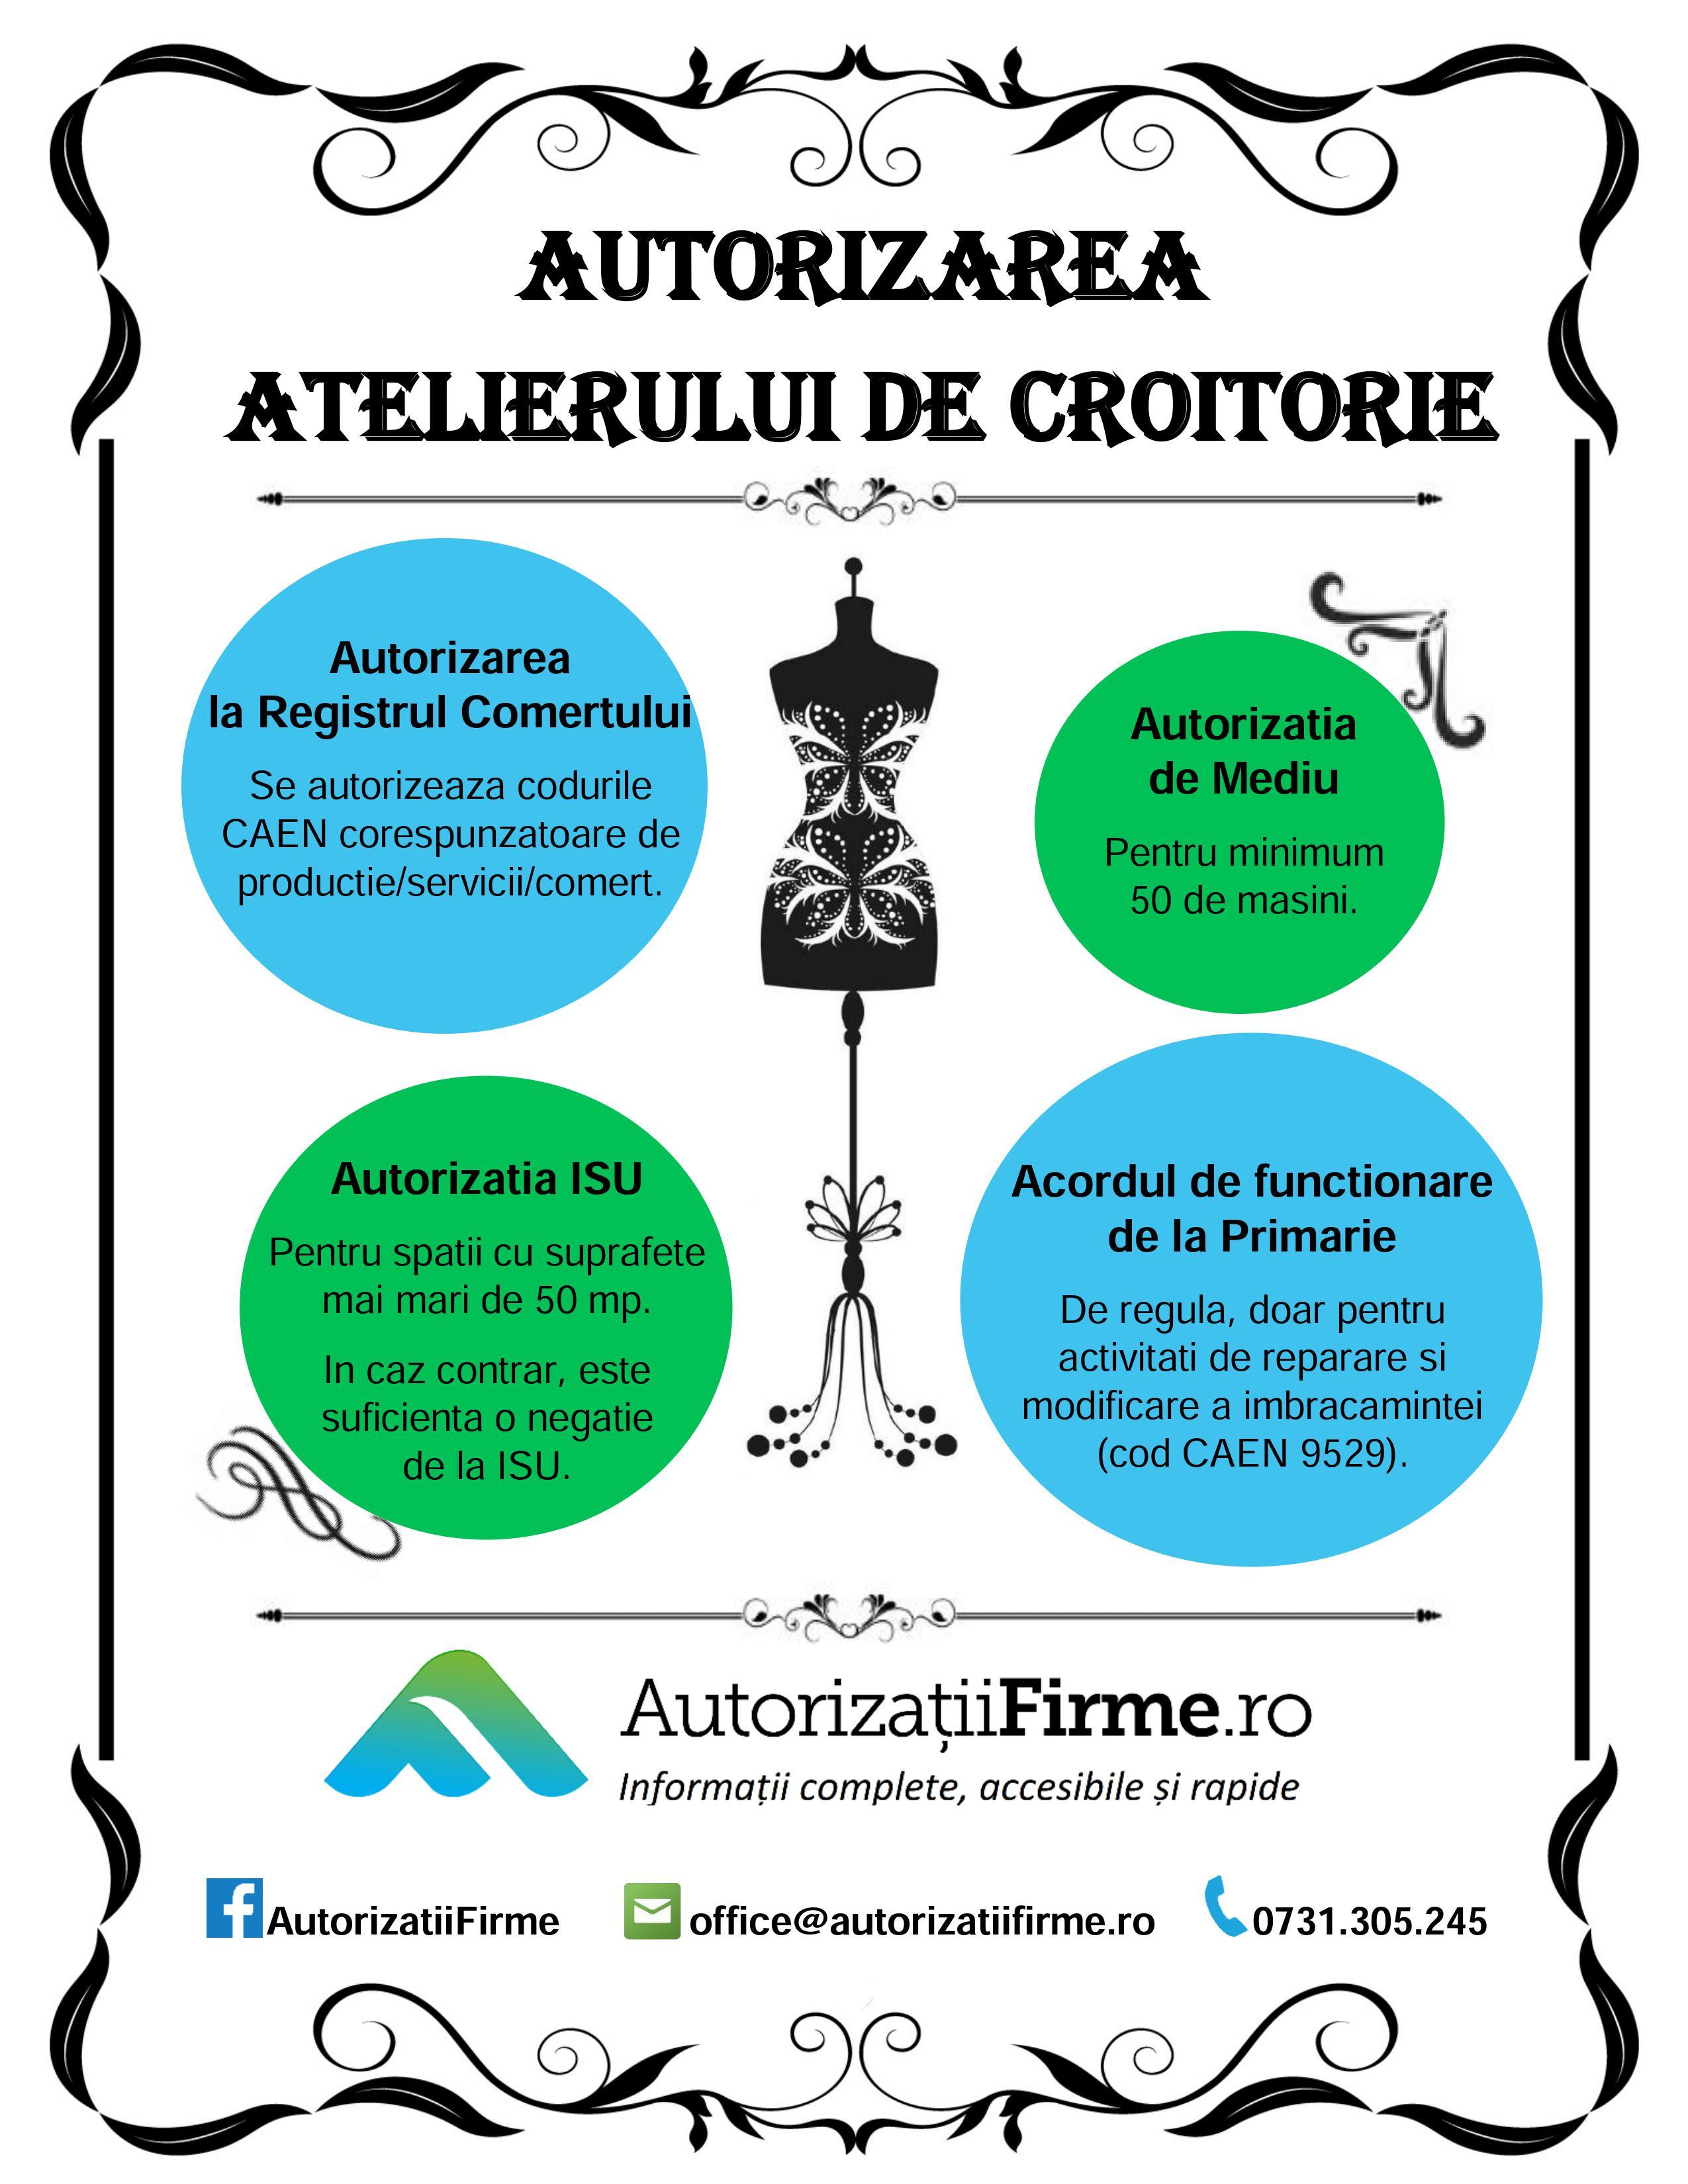 Autorizarea atelierului de croitorie_poza